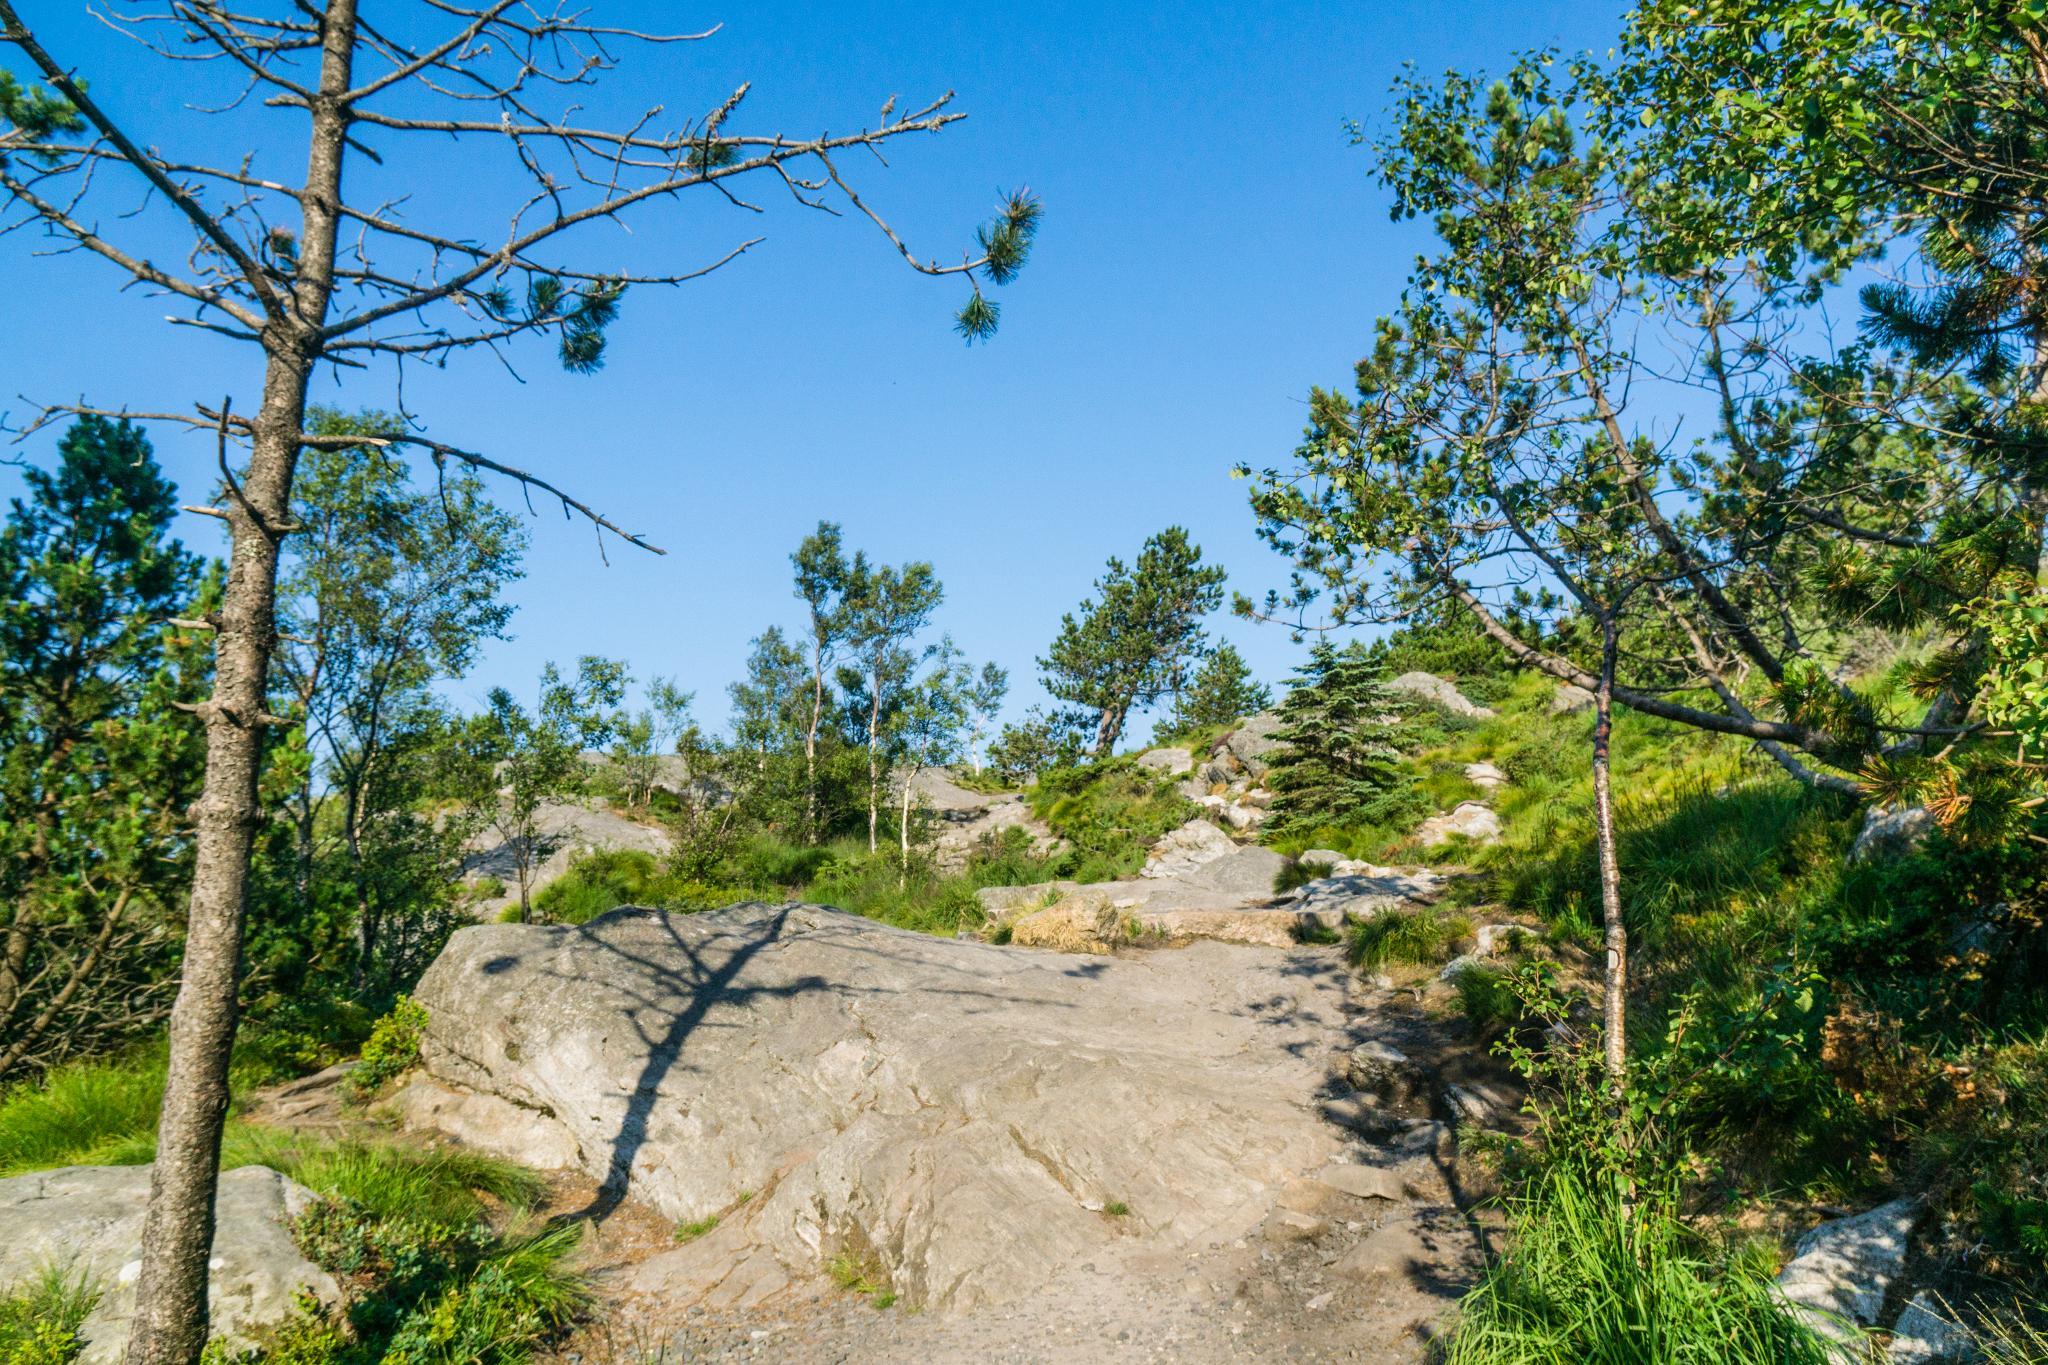 【卑爾根】超級震撼的隱藏版挪威景點 — Stoltzekleiven桑德維克斯石梯與Fløyen佛洛伊恩觀景台大縱走 10